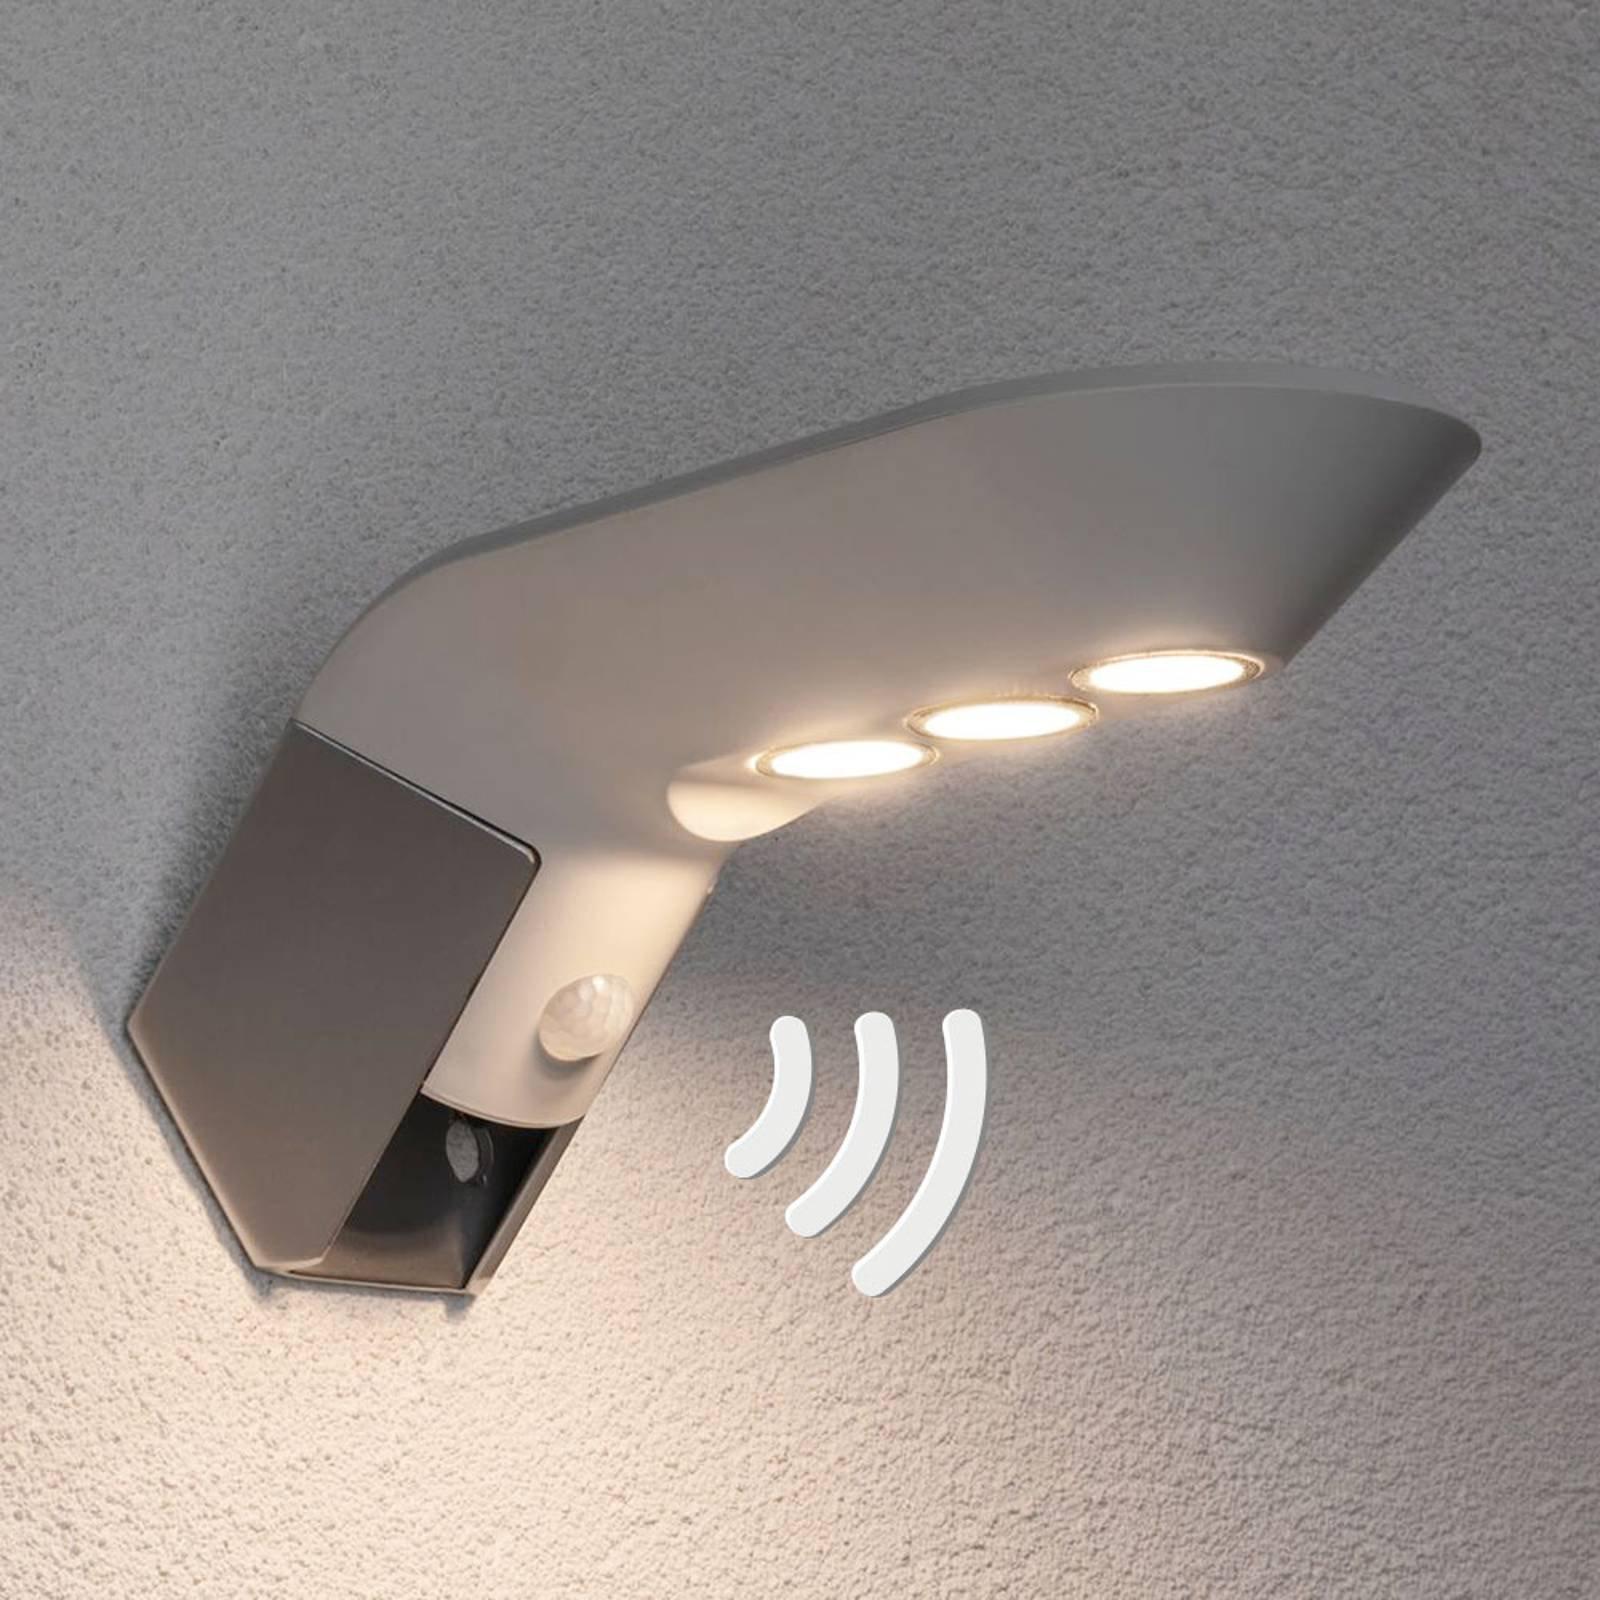 Paulmann Soley hvit utendørs LED-sol-vegglampe